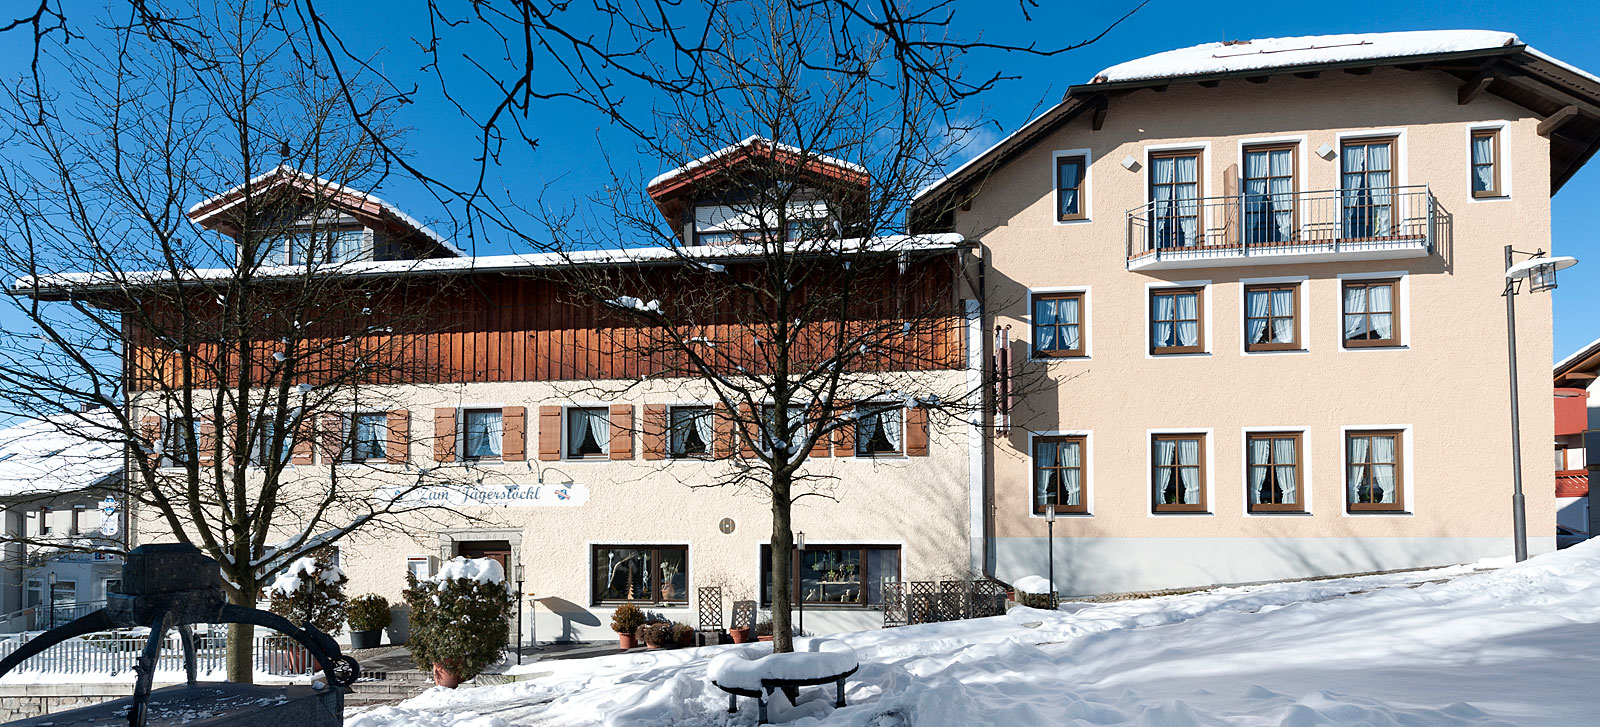 Urlaubsangebote für jede Jahreszeit im Hotel Bayerischer Wald